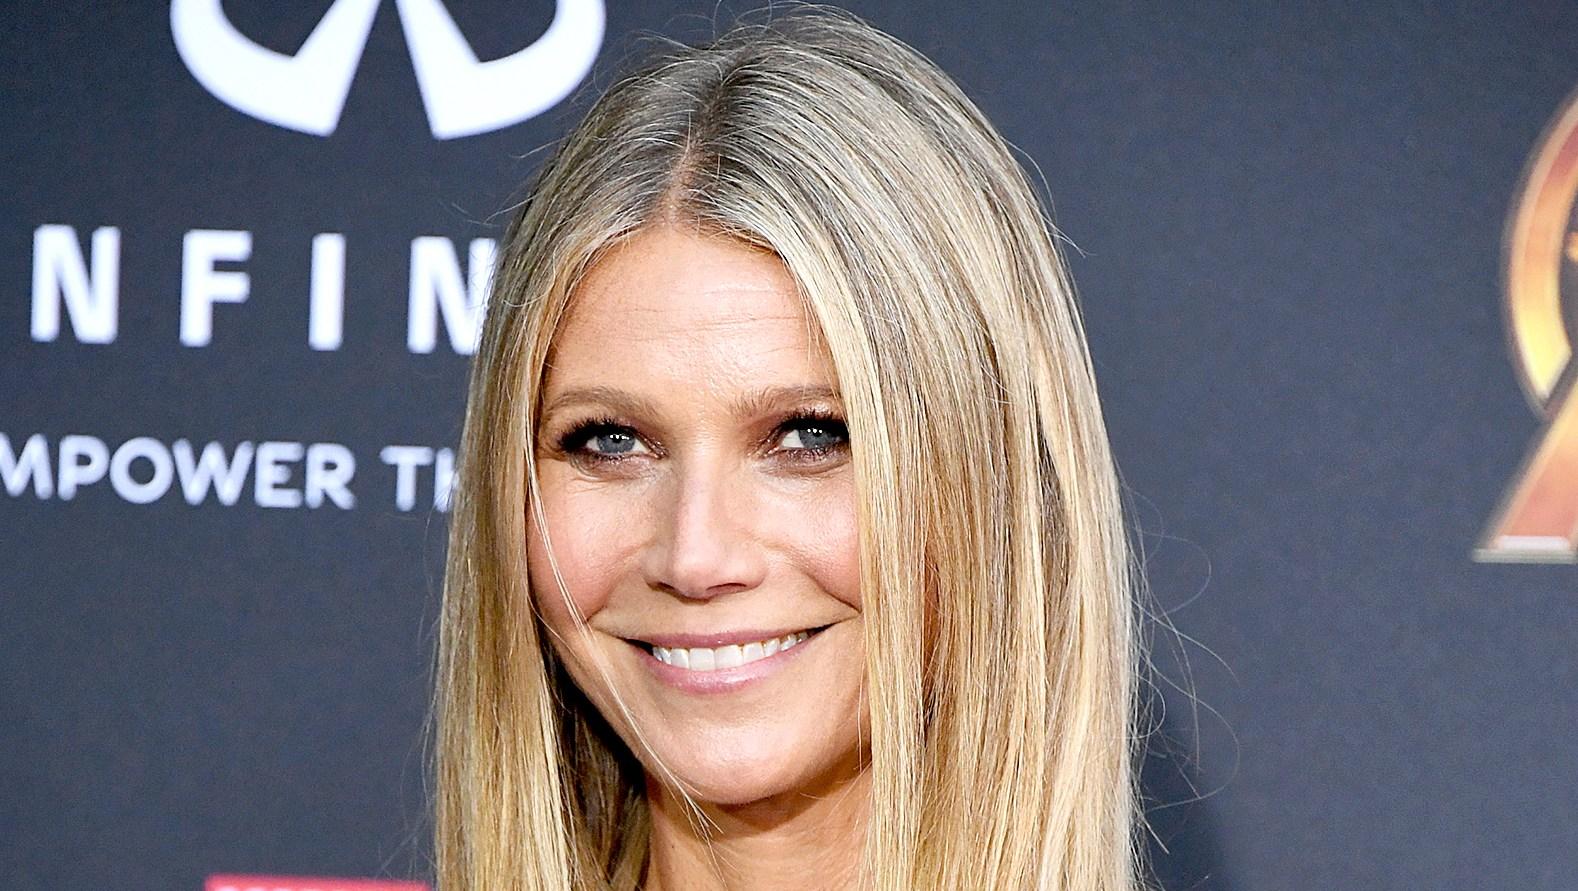 Gwyneth-Paltrow-Cured-Her-Postpartum-Depression